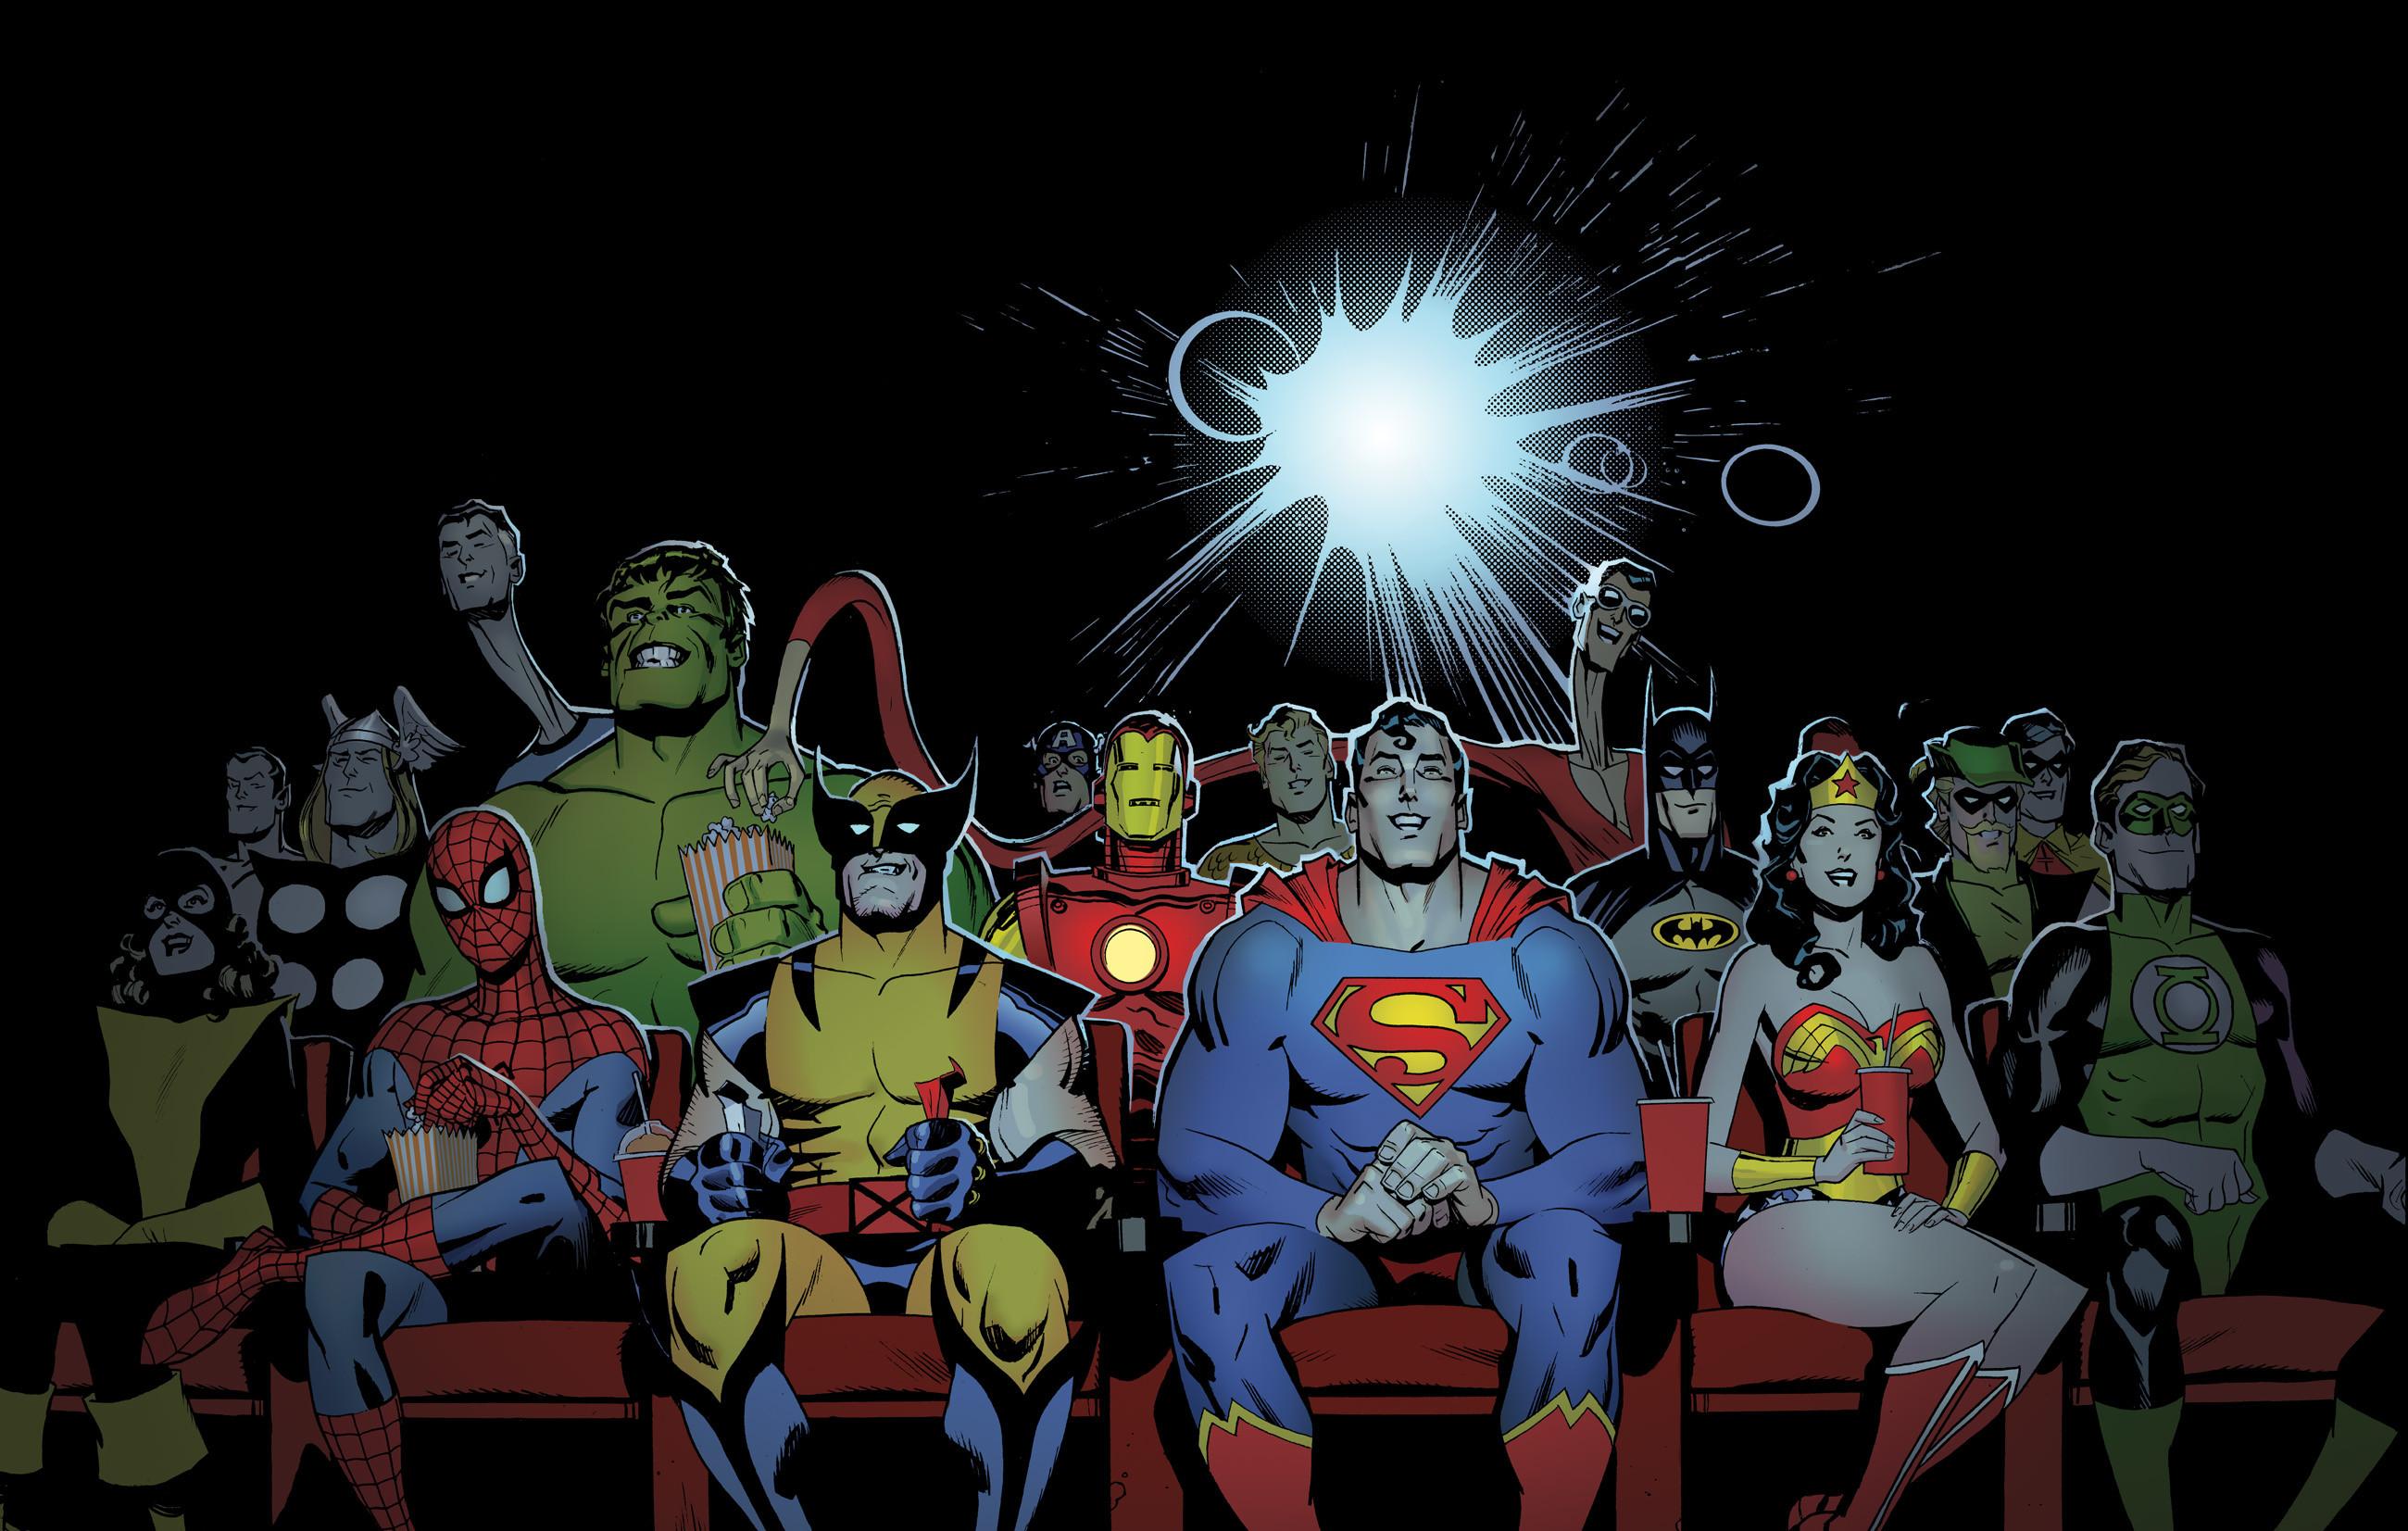 Marvel d-c dc-comics superhero wallpaper | | 166991 .